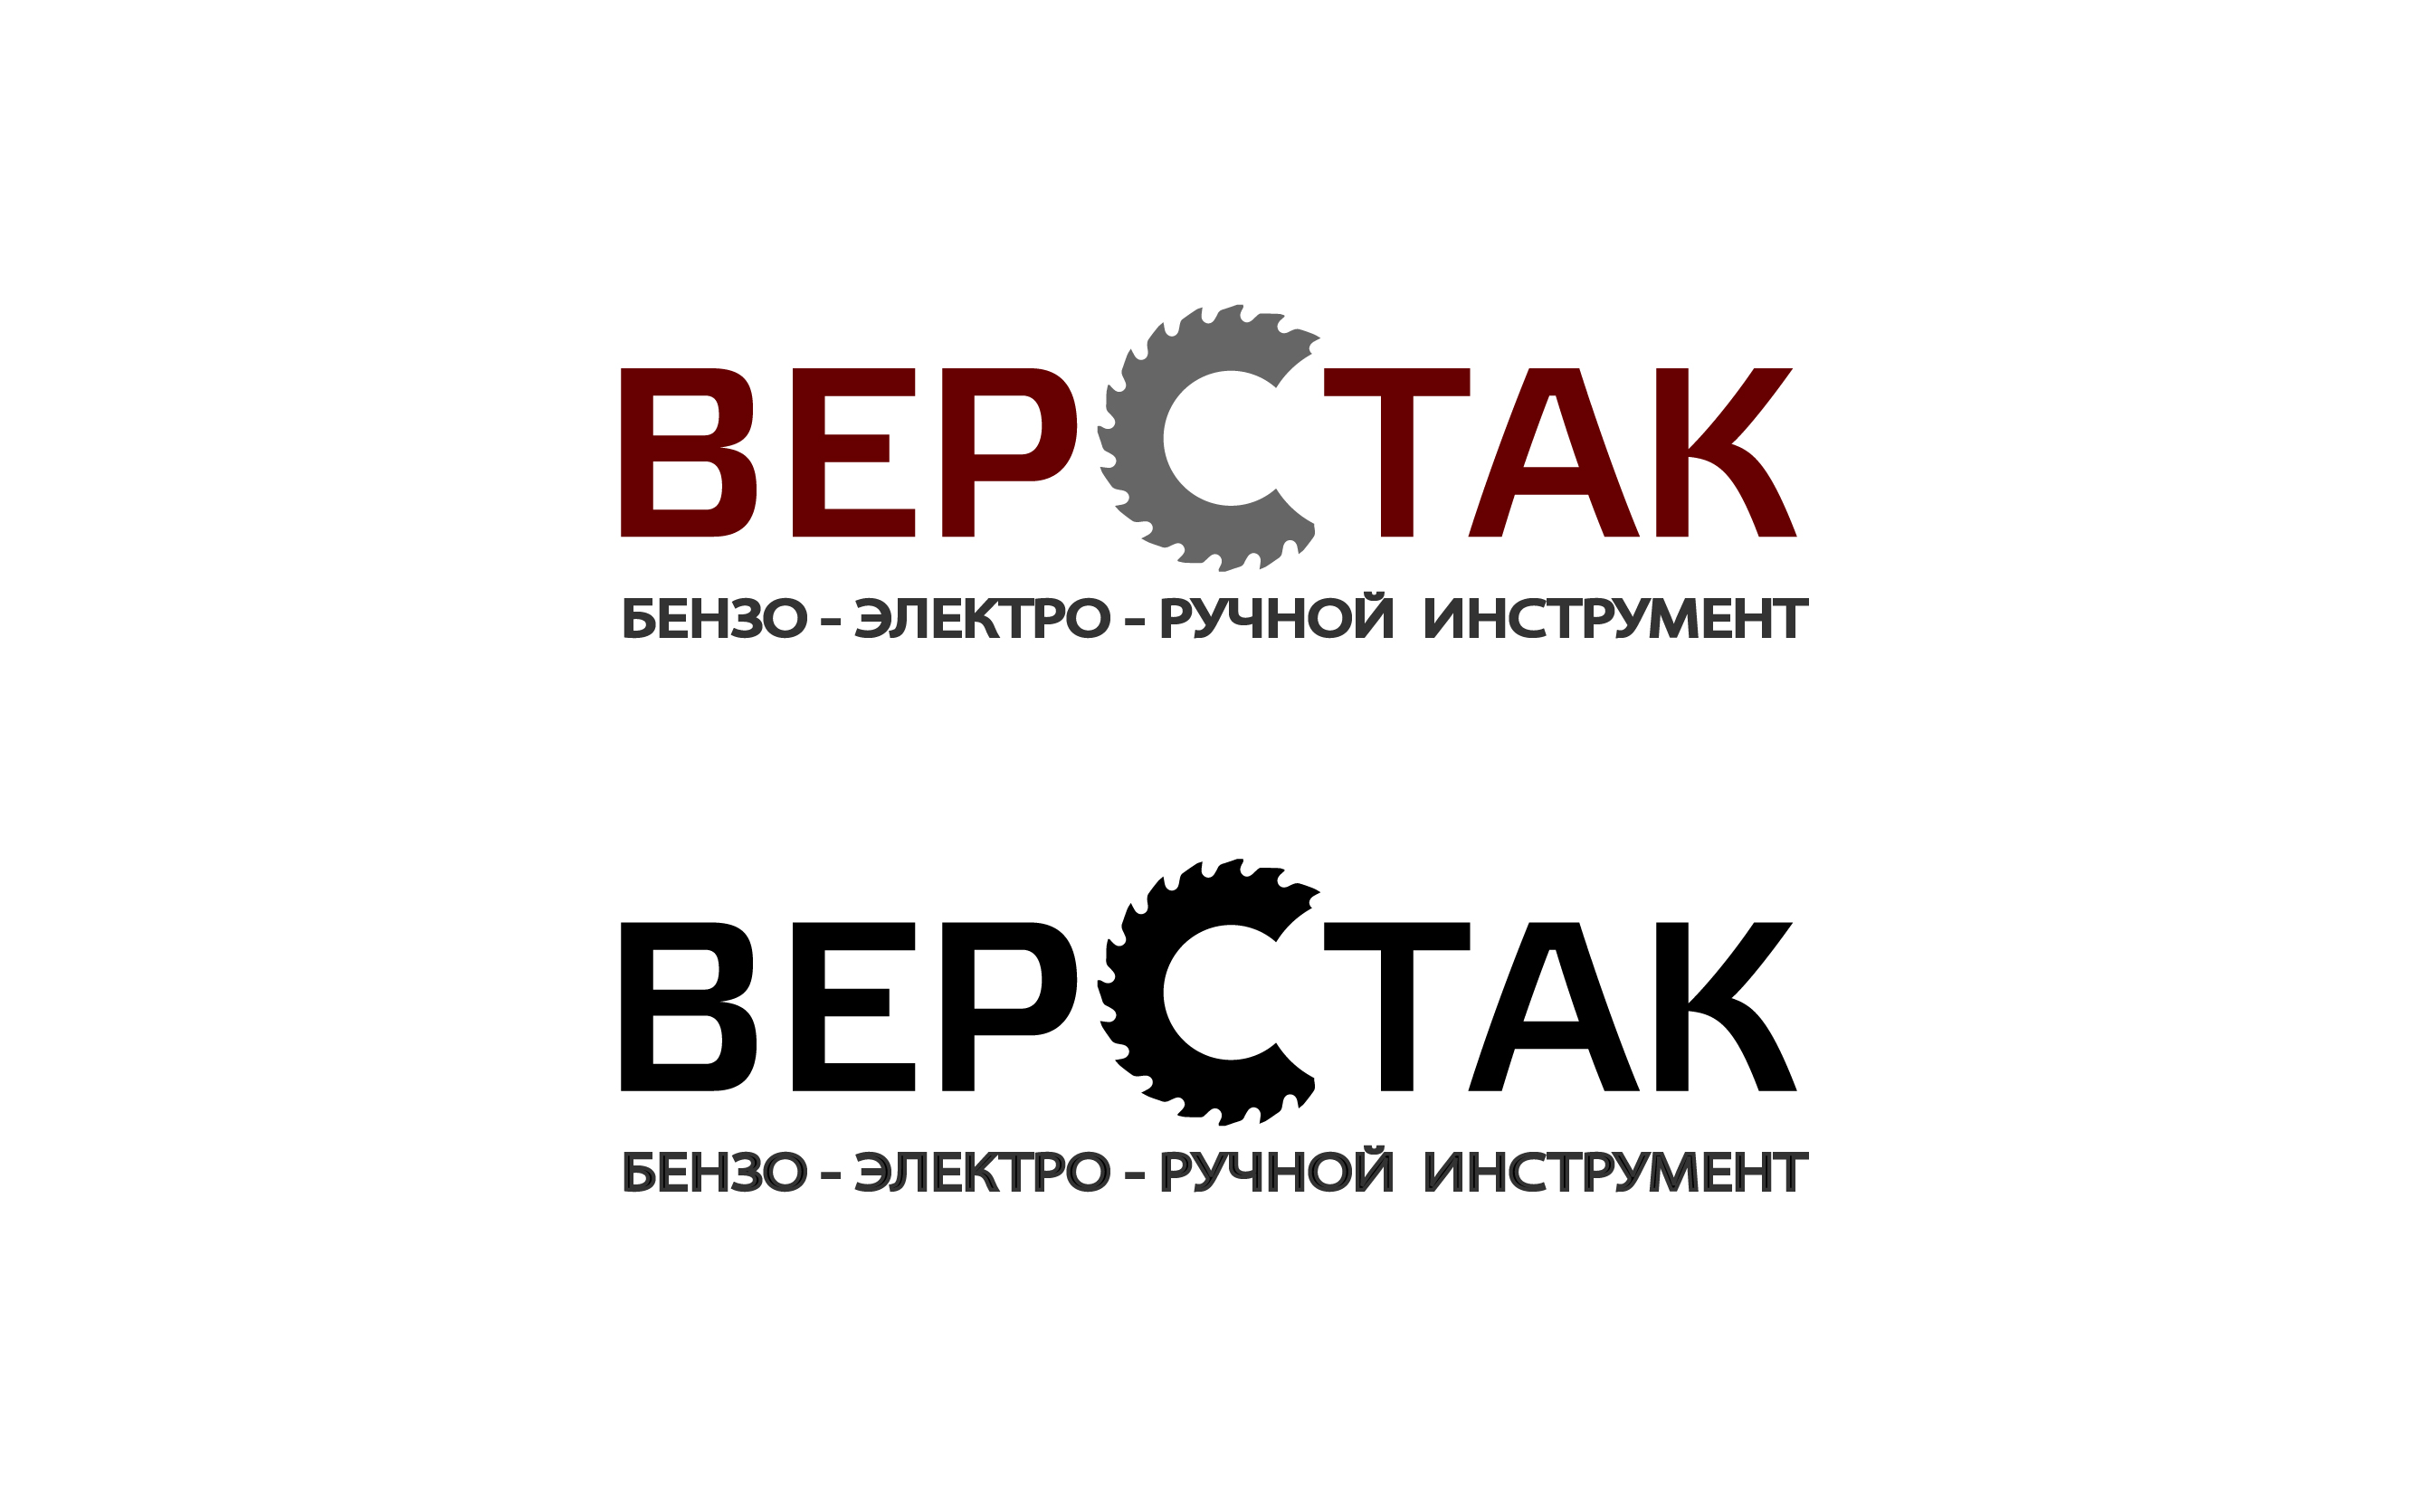 Логотип магазина бензо, электро, ручного инструмента фото f_4215a0f43d29f9d0.jpg